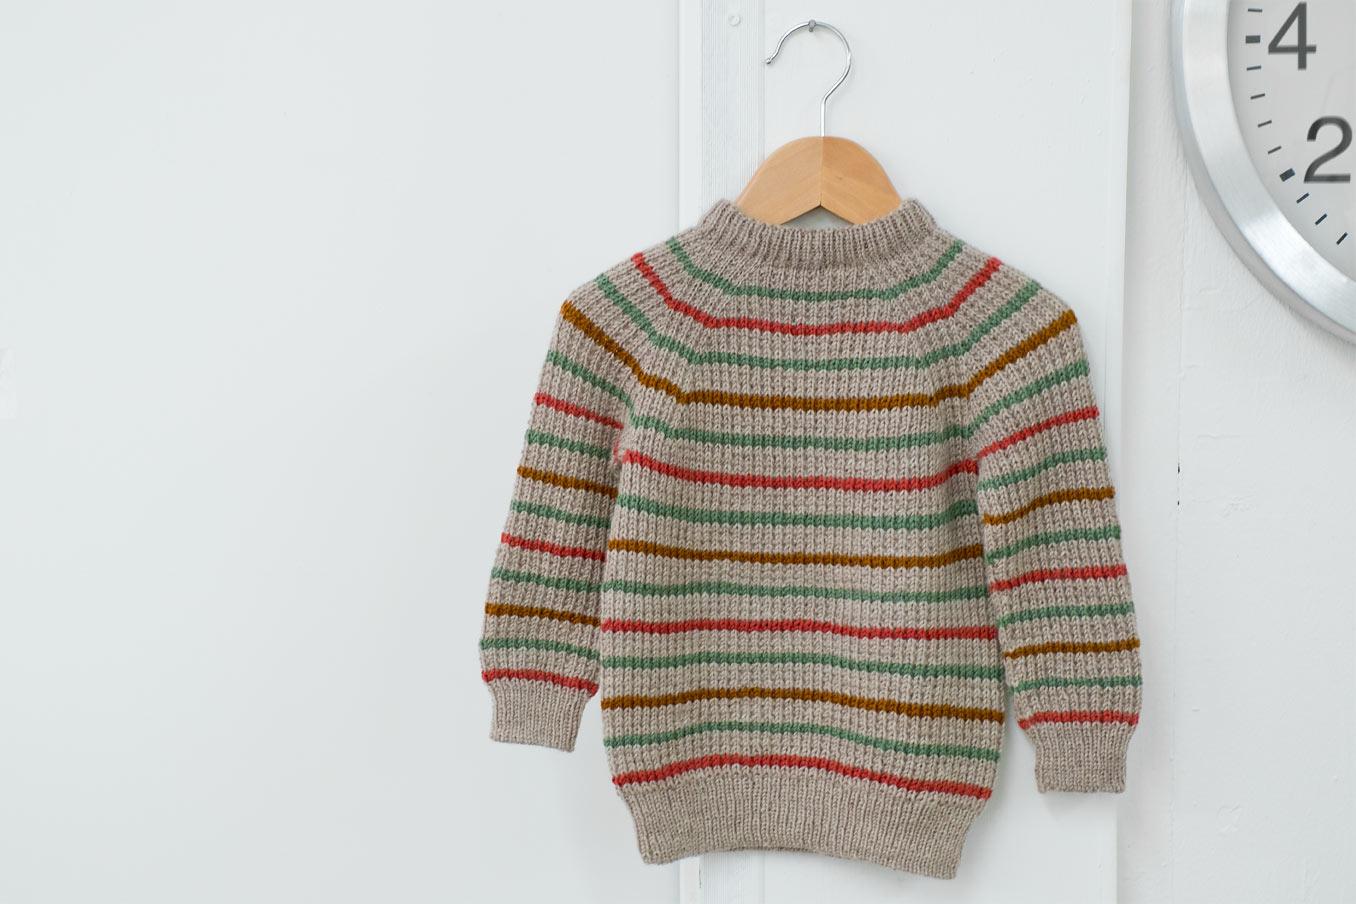 """Bild für Beitrag """"Friday Sweater Mini"""" 5"""